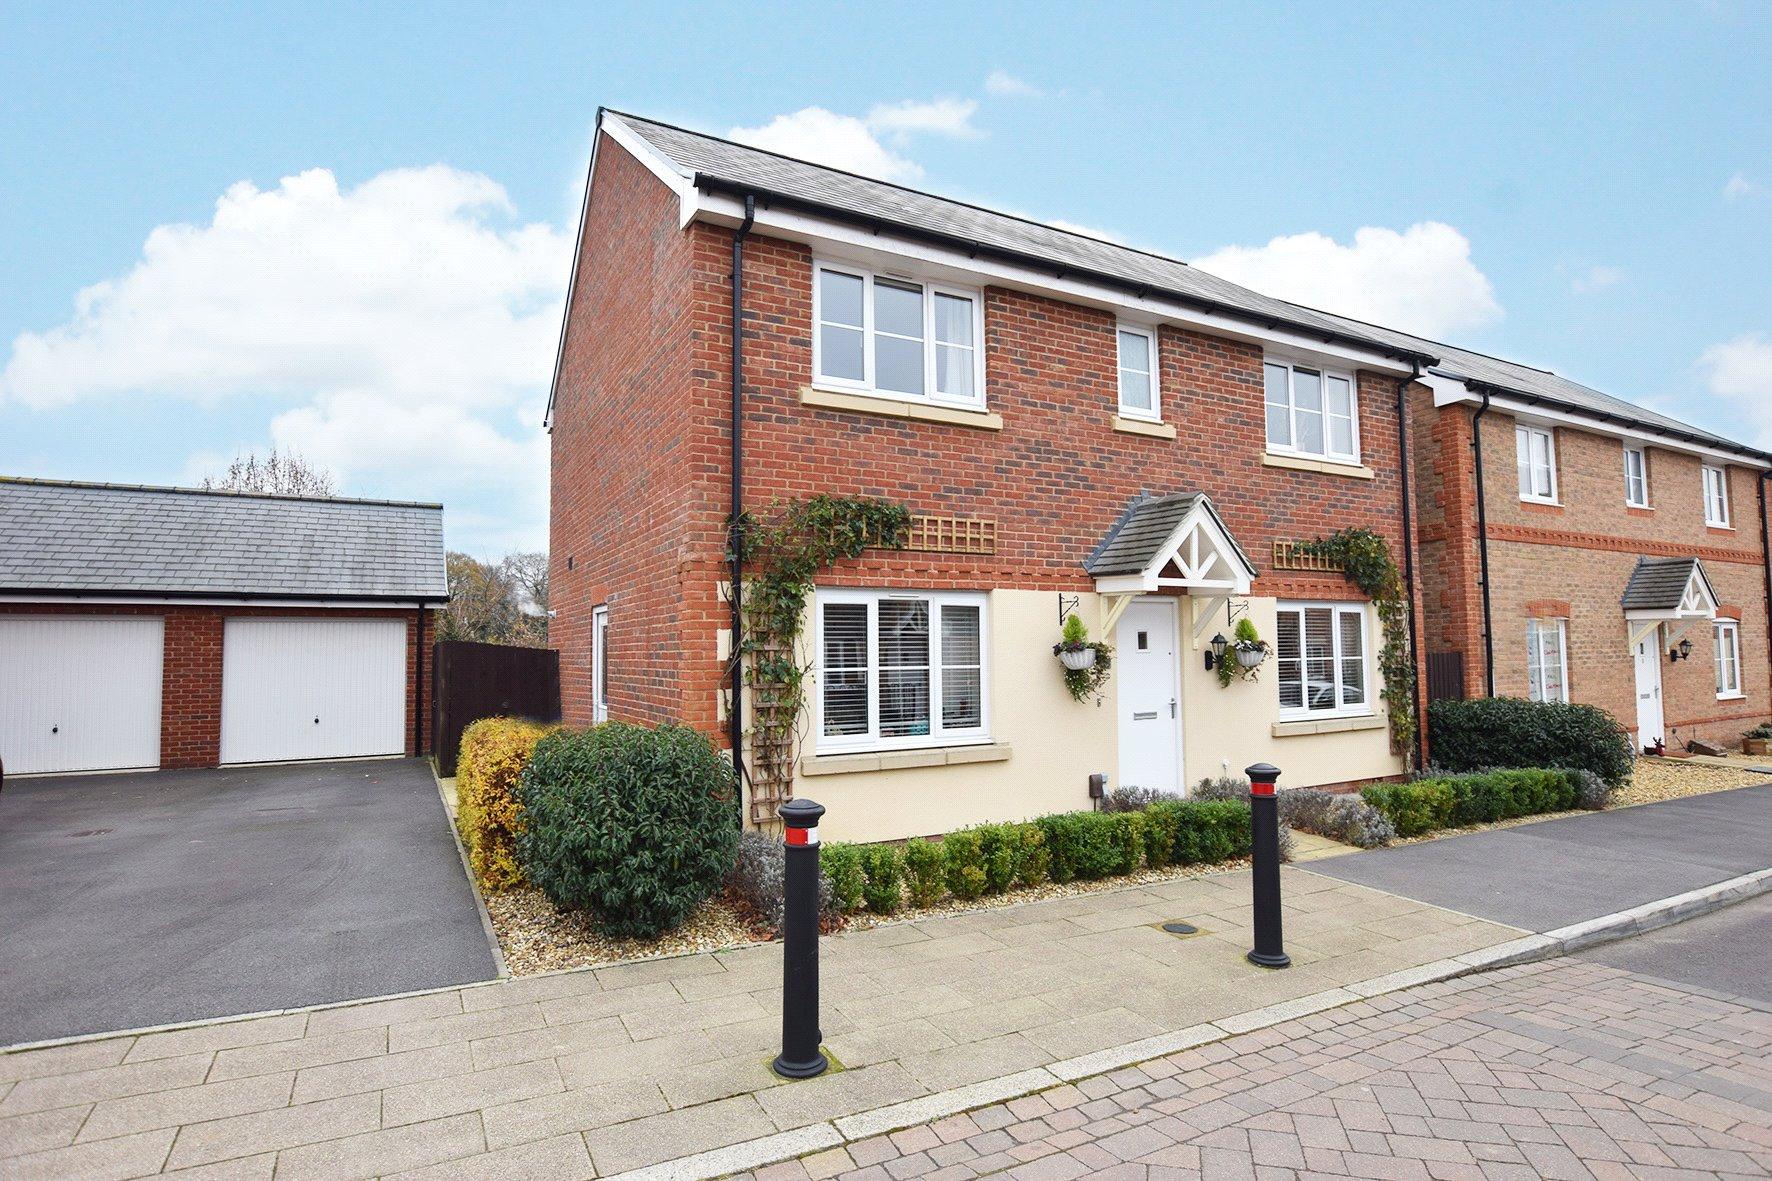 4 Bedrooms Detached House for sale in Guillemot Street, Jennett's Park, Bracknell, Berkshire, RG12